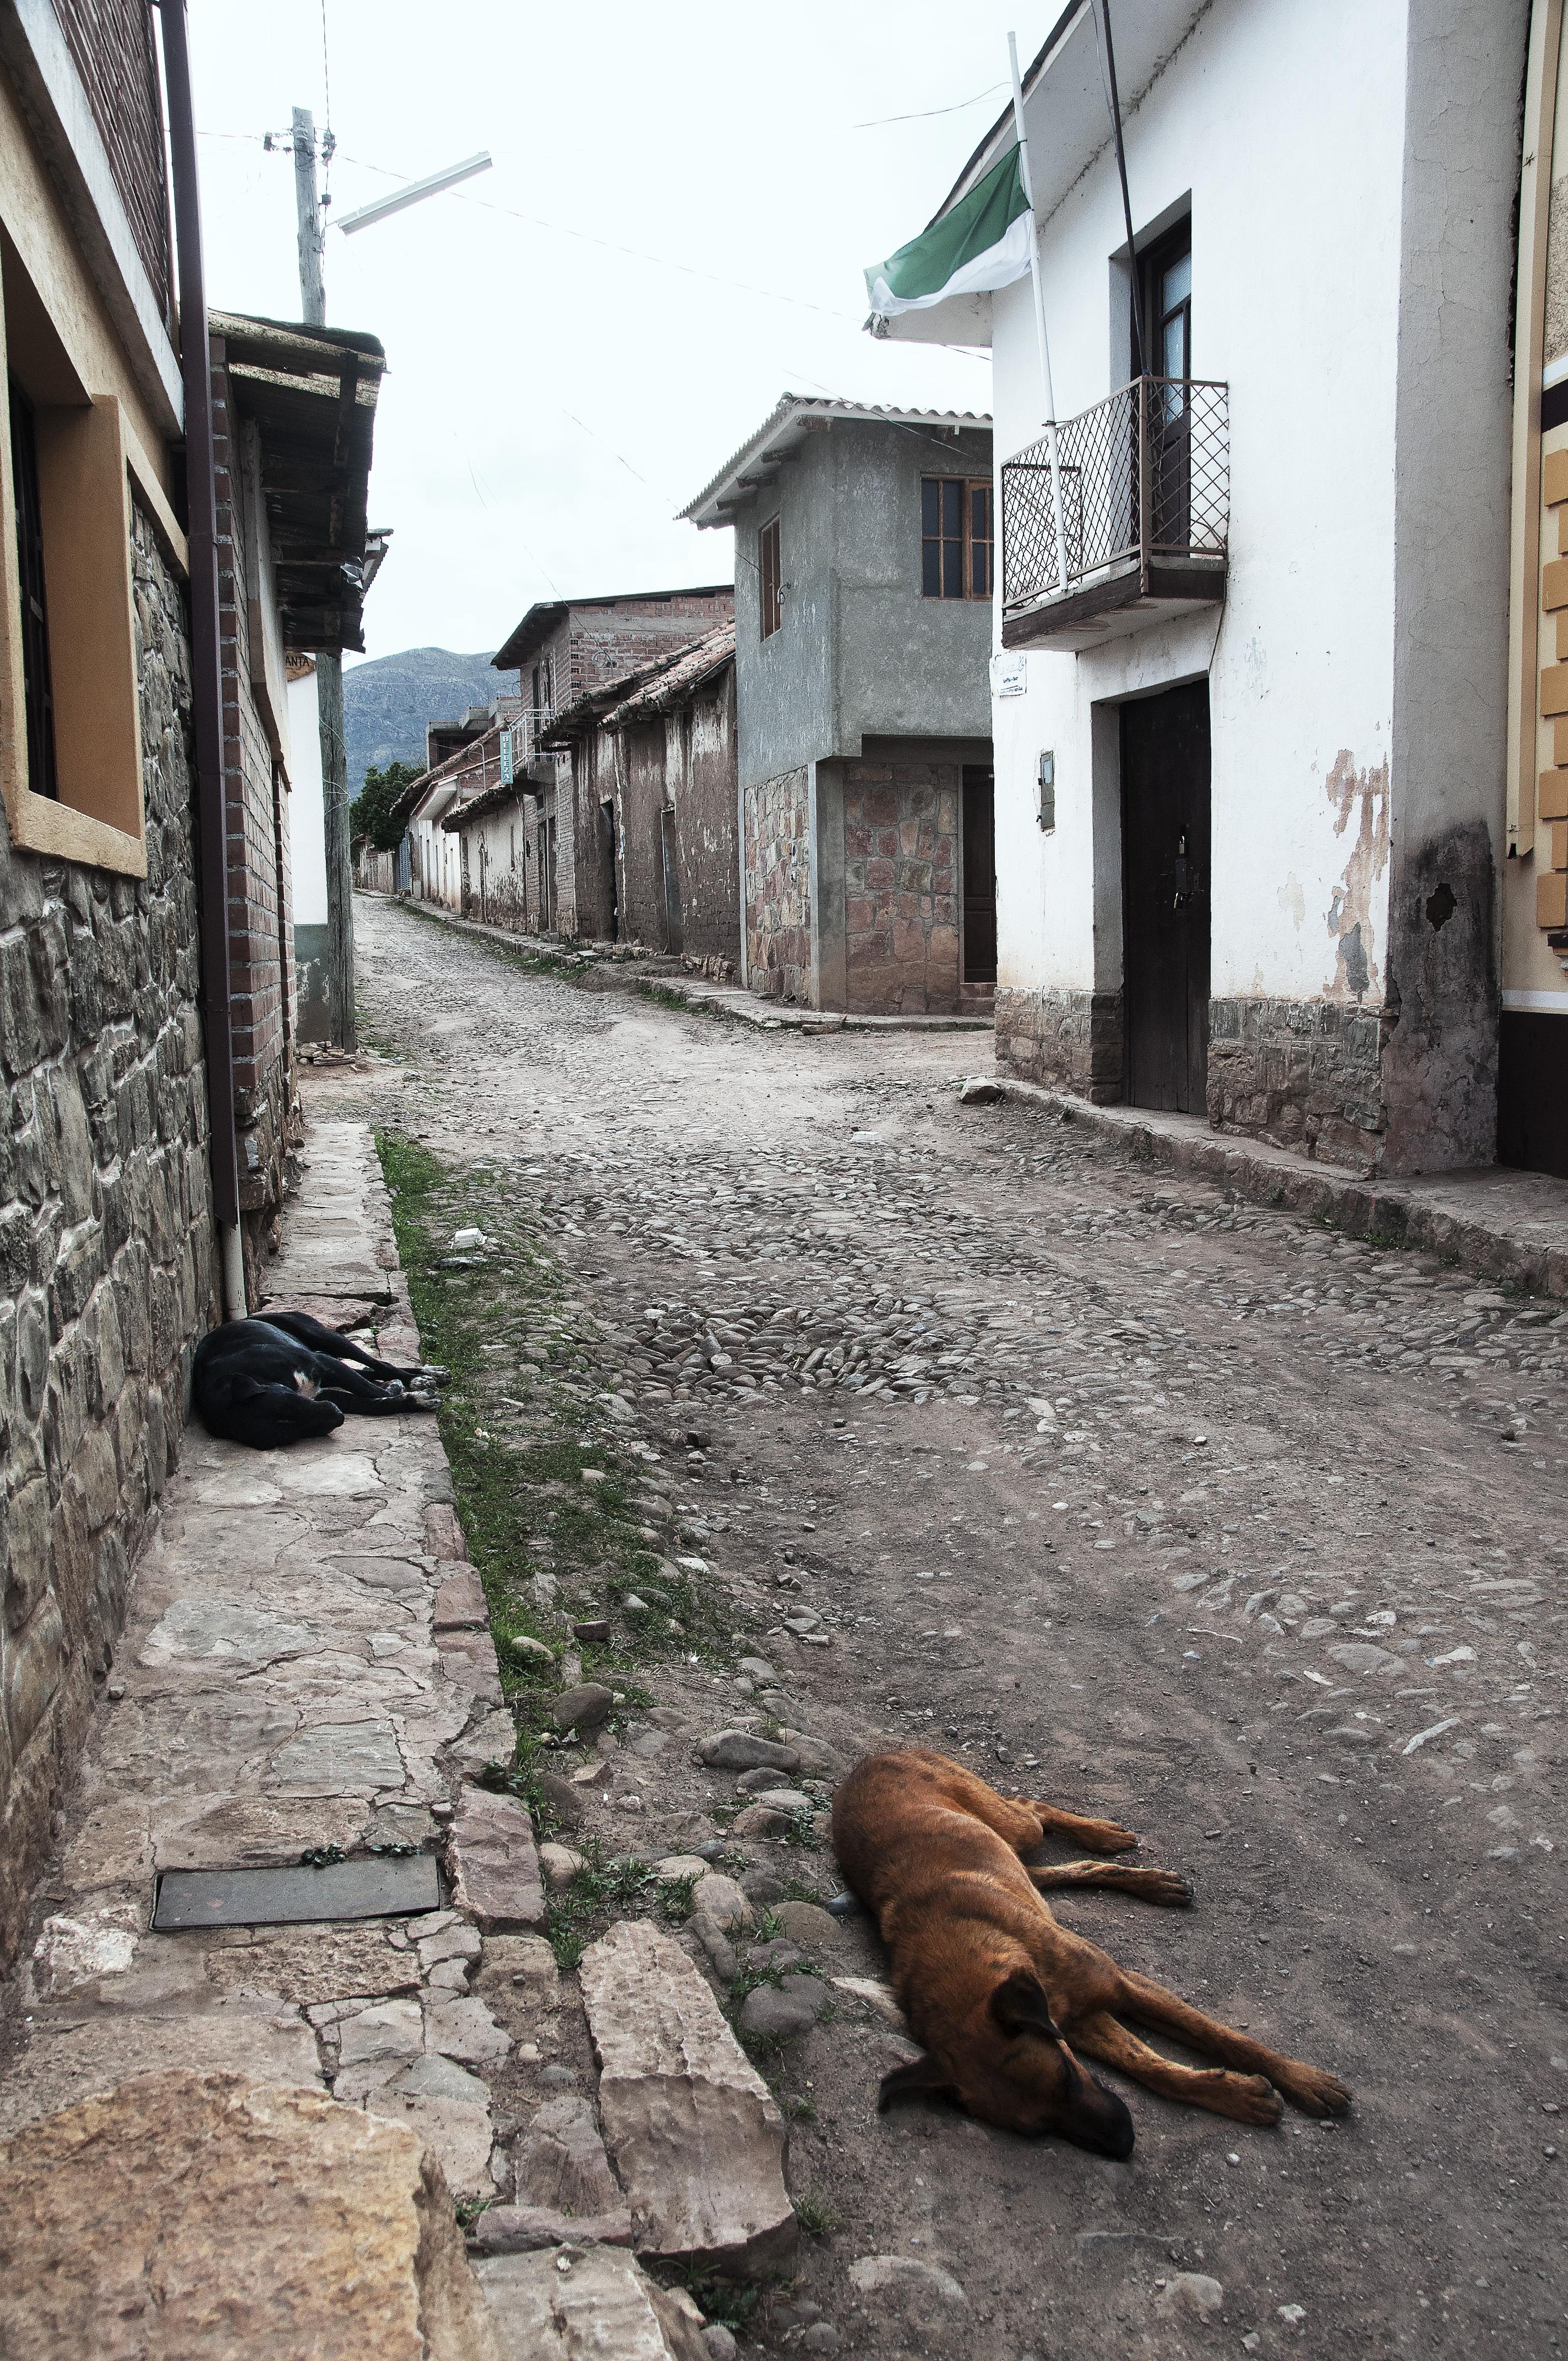 Street View, Toro Toro